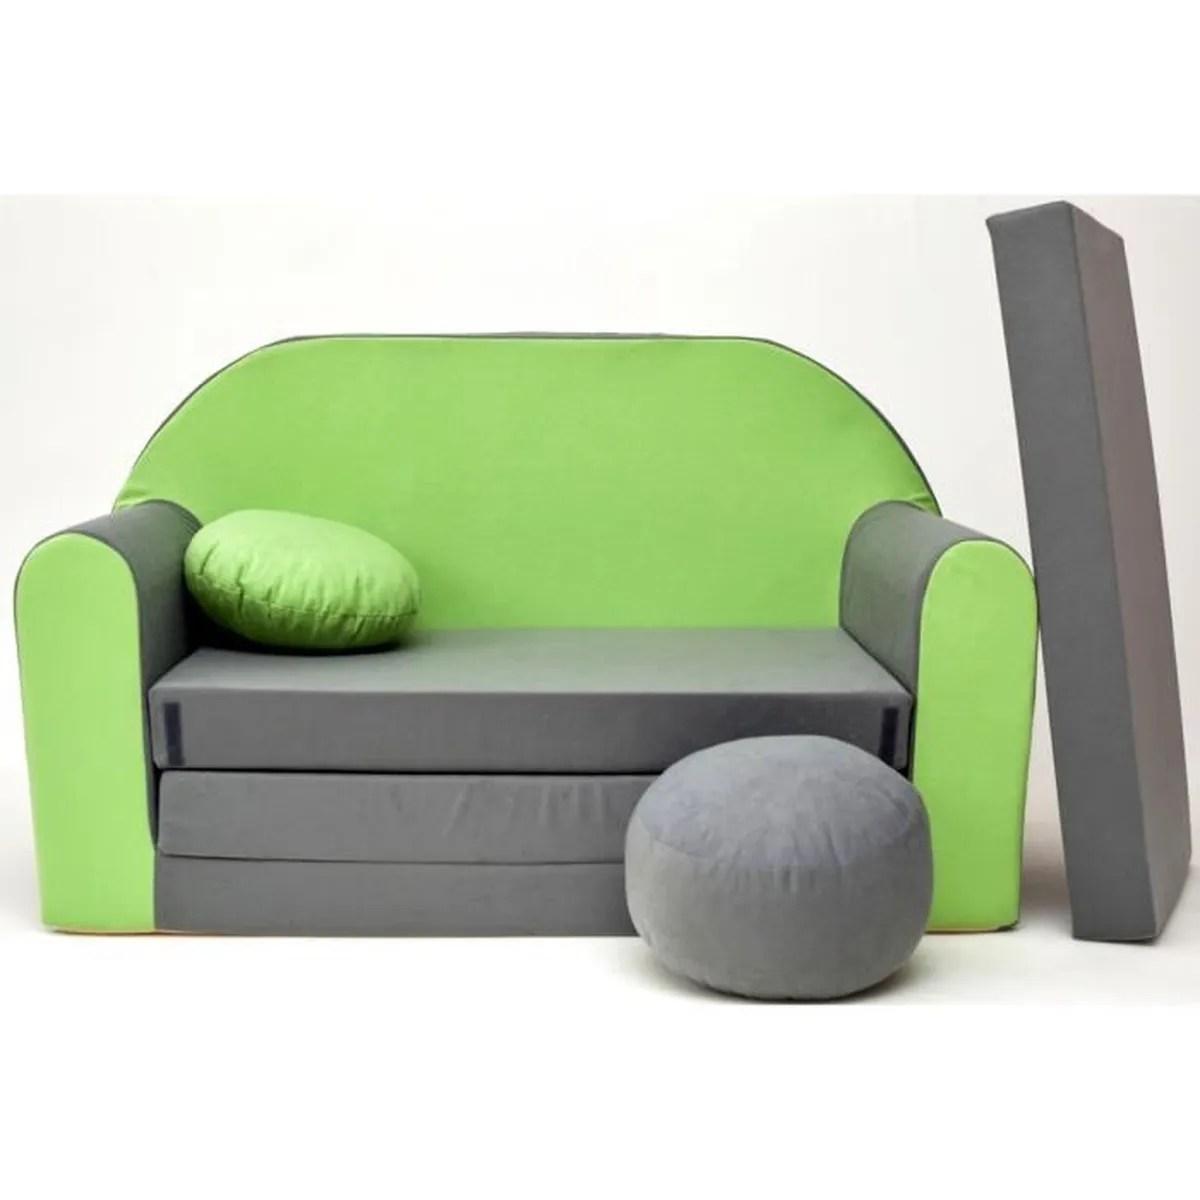 Canape Sofa enfant 2 places convertible gris vert  Achat  Vente fauteuil  canap bb